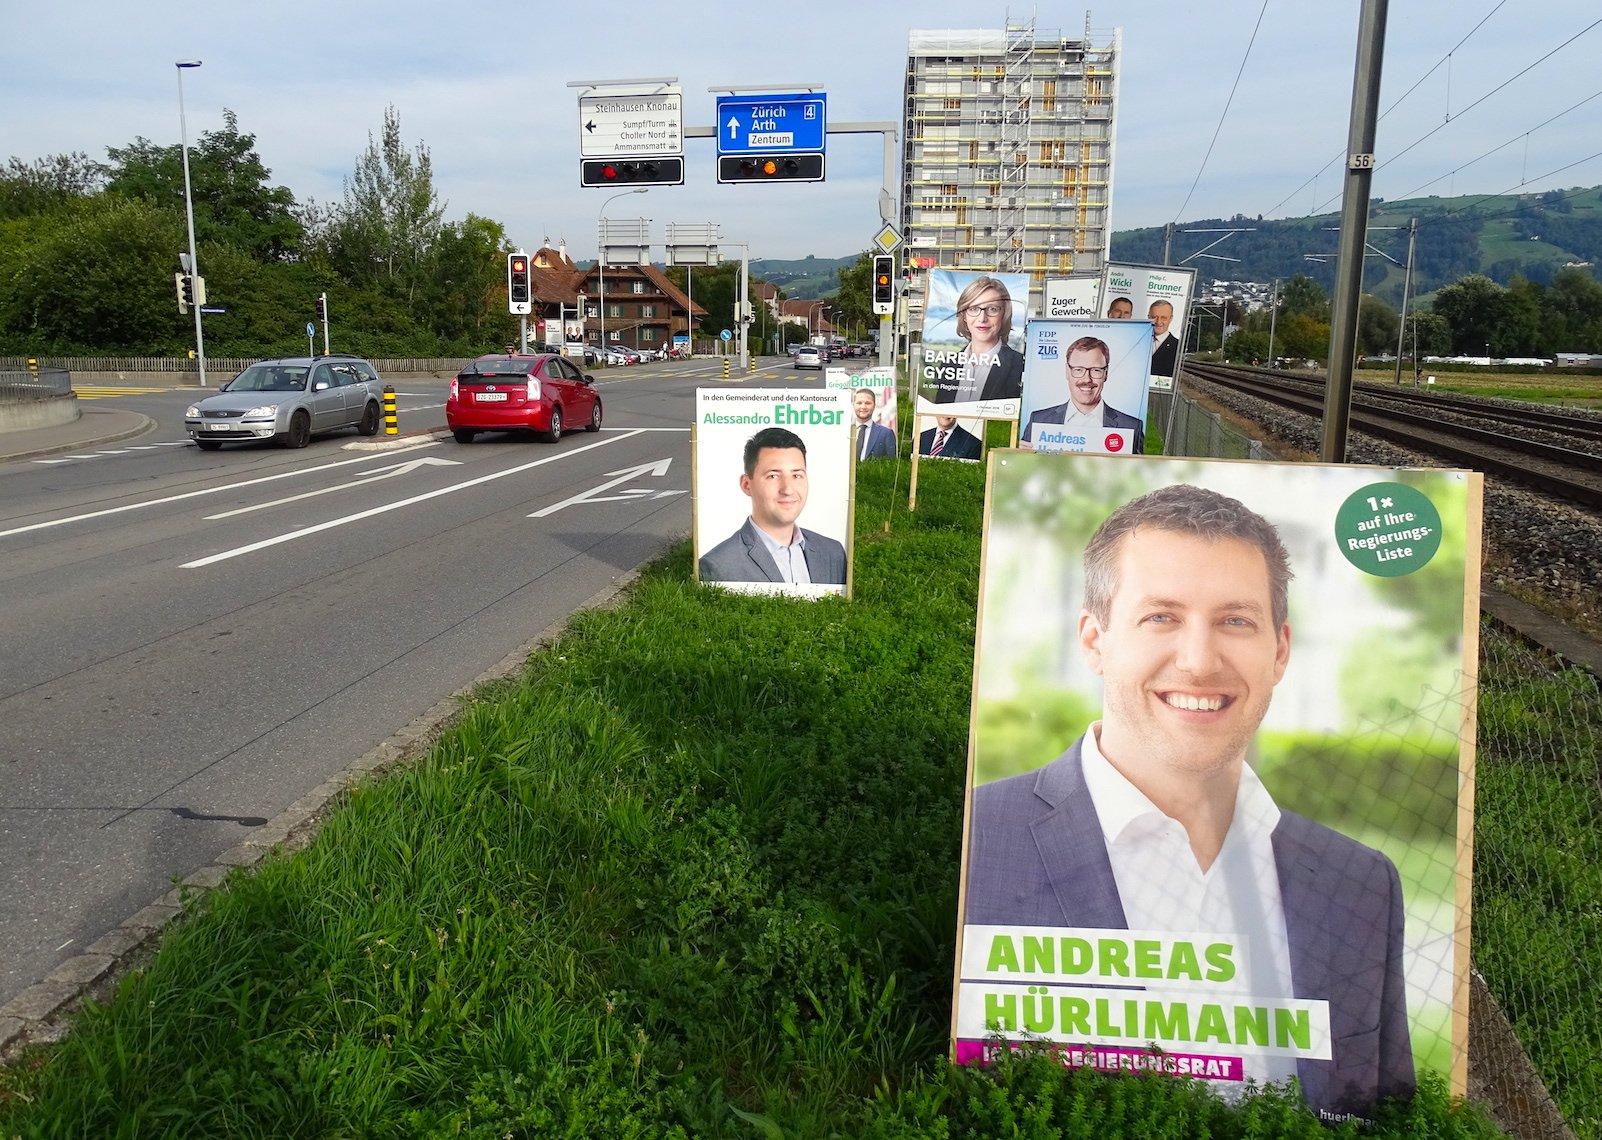 Weniger eingeschränkt: Wahlwerbung beim Rank in der Stadt Zug.